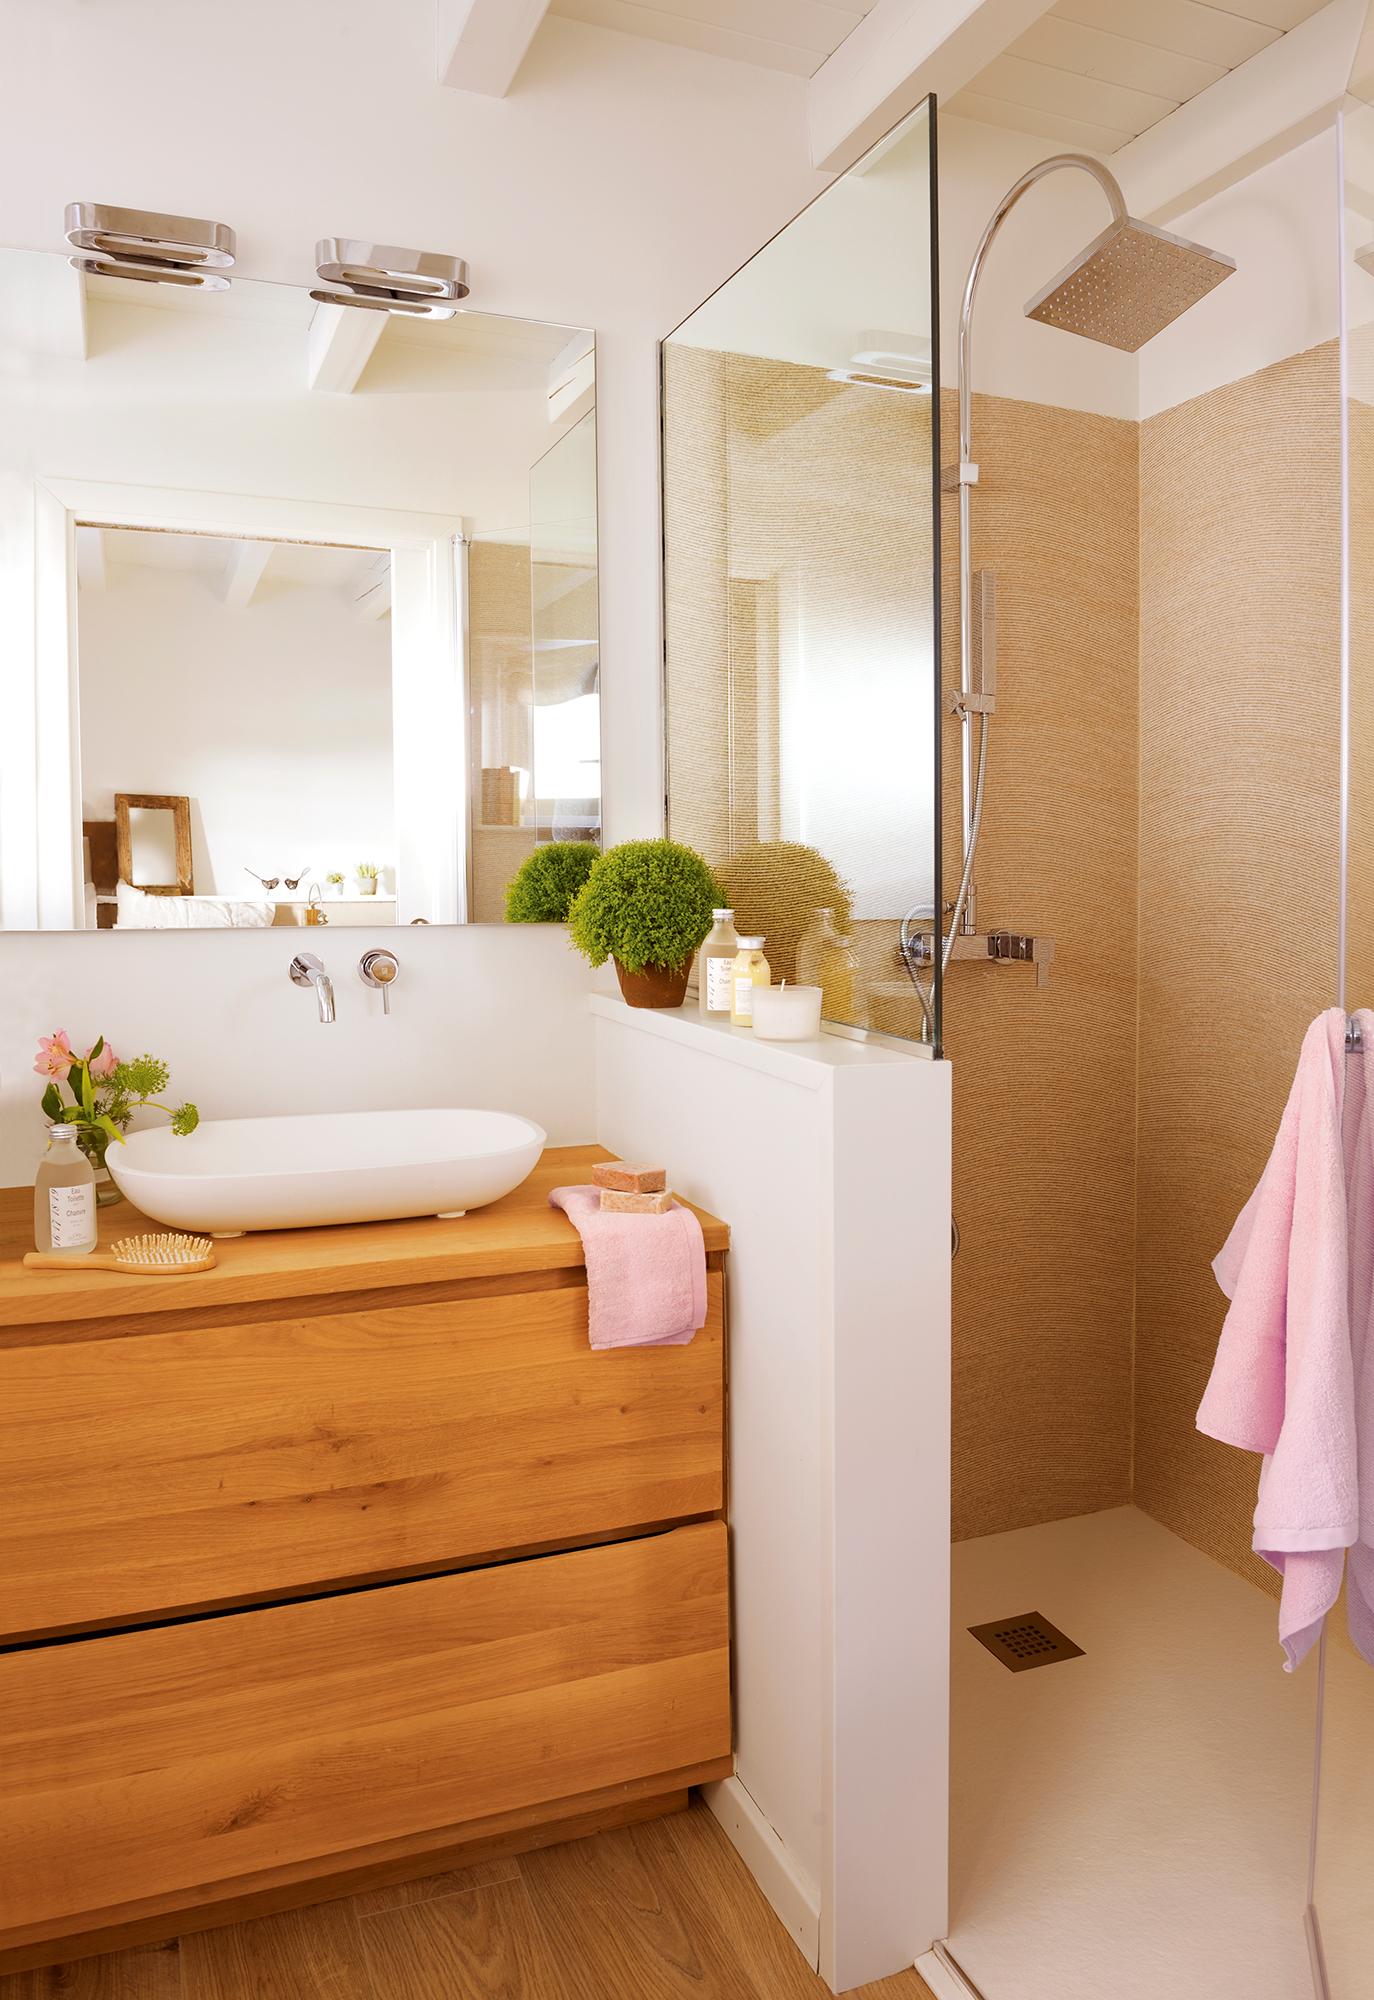 Ba era o ducha pros y contras y claves para elegir - Microcemento pros y contras ...